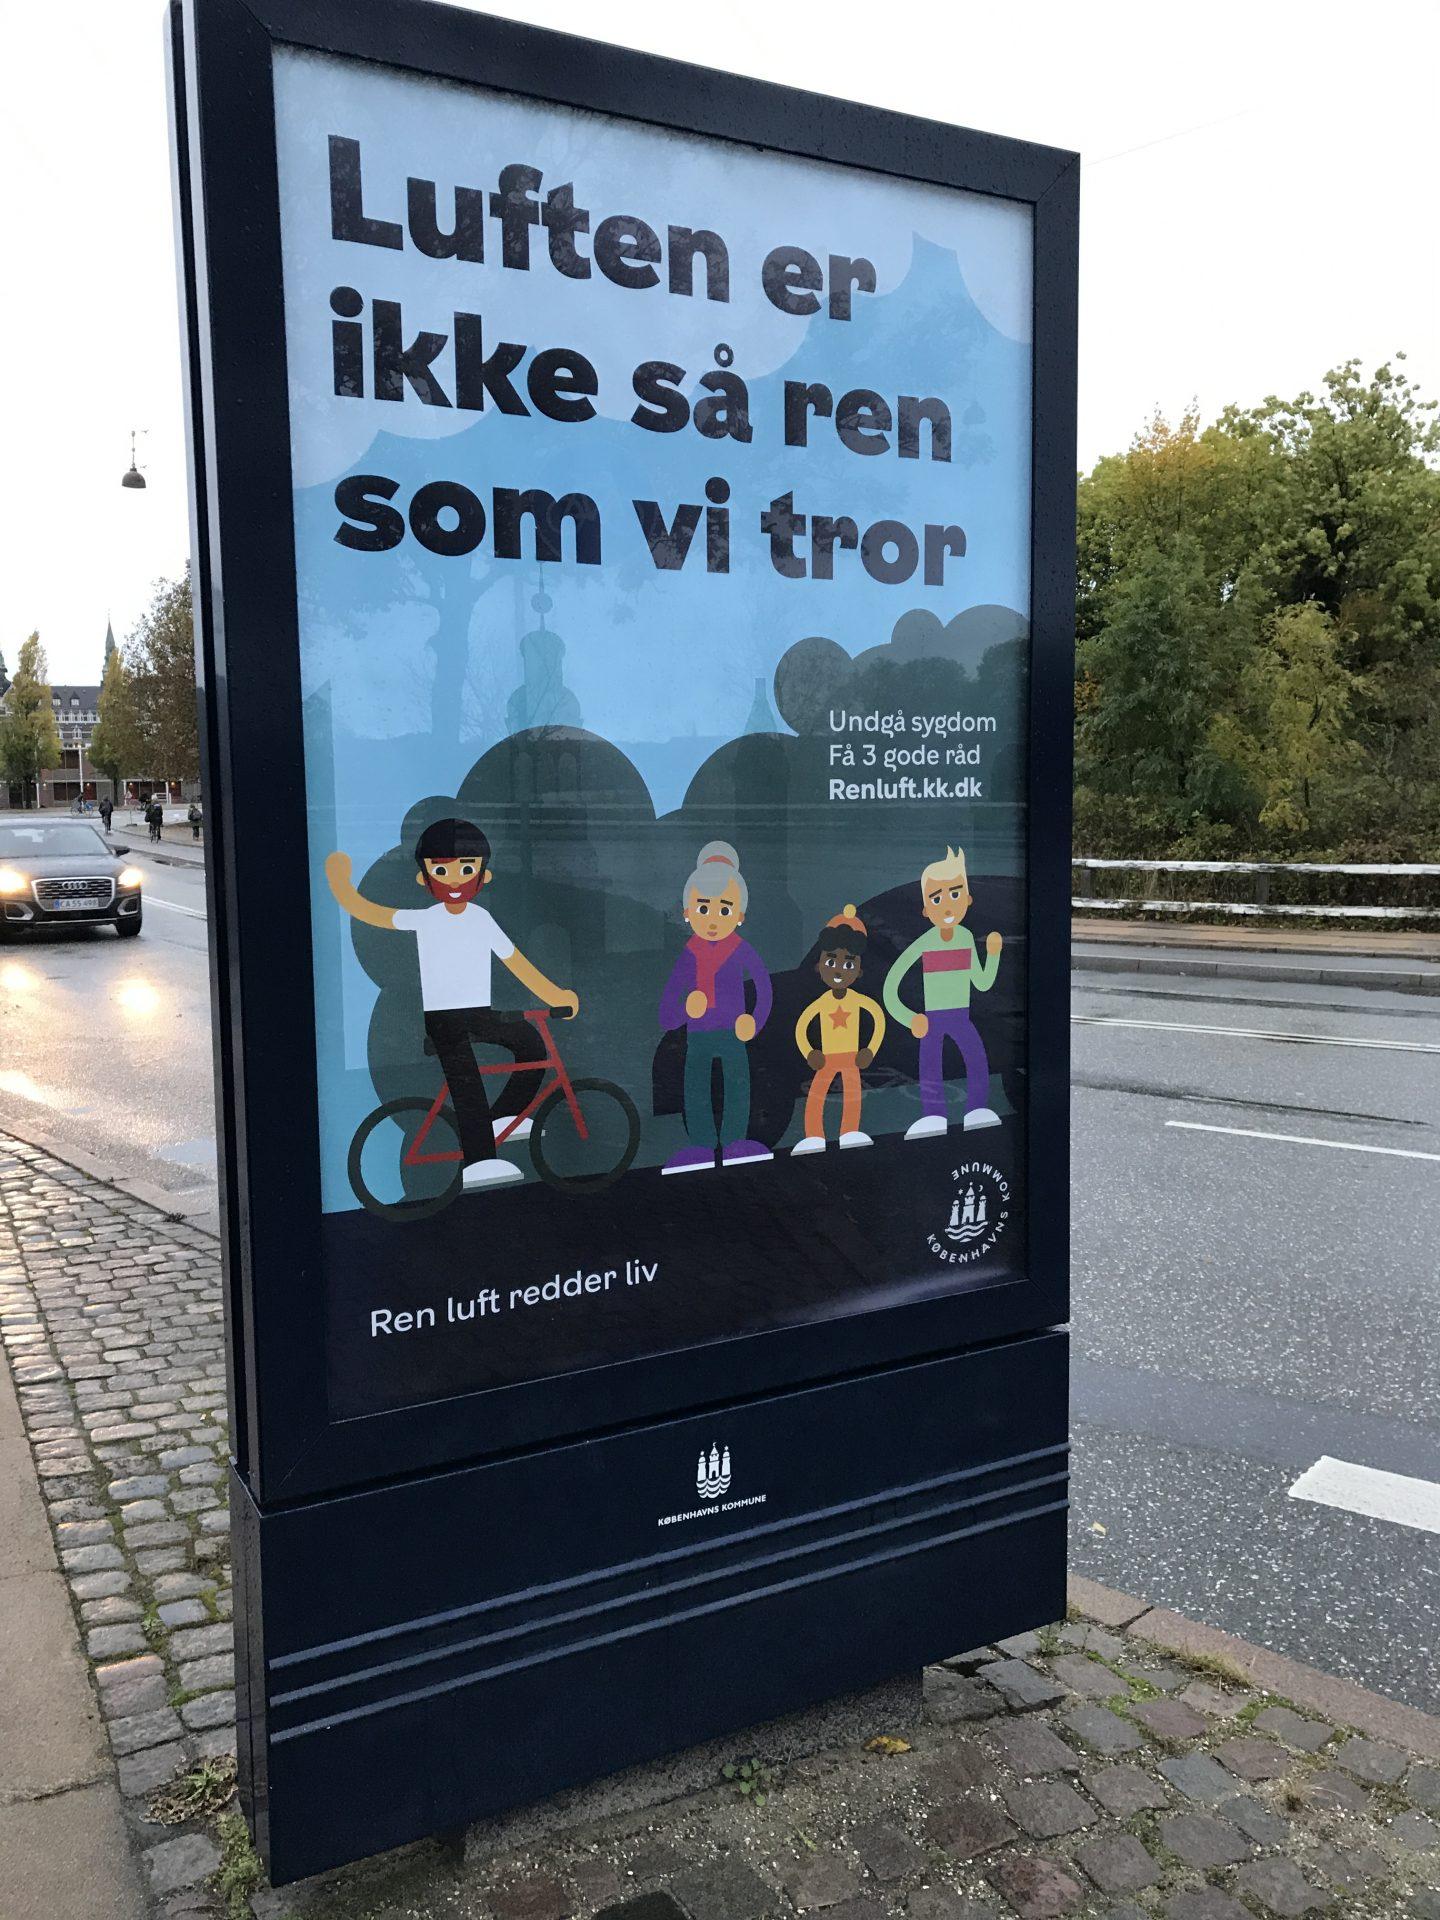 Kampagne ren luft redder liv